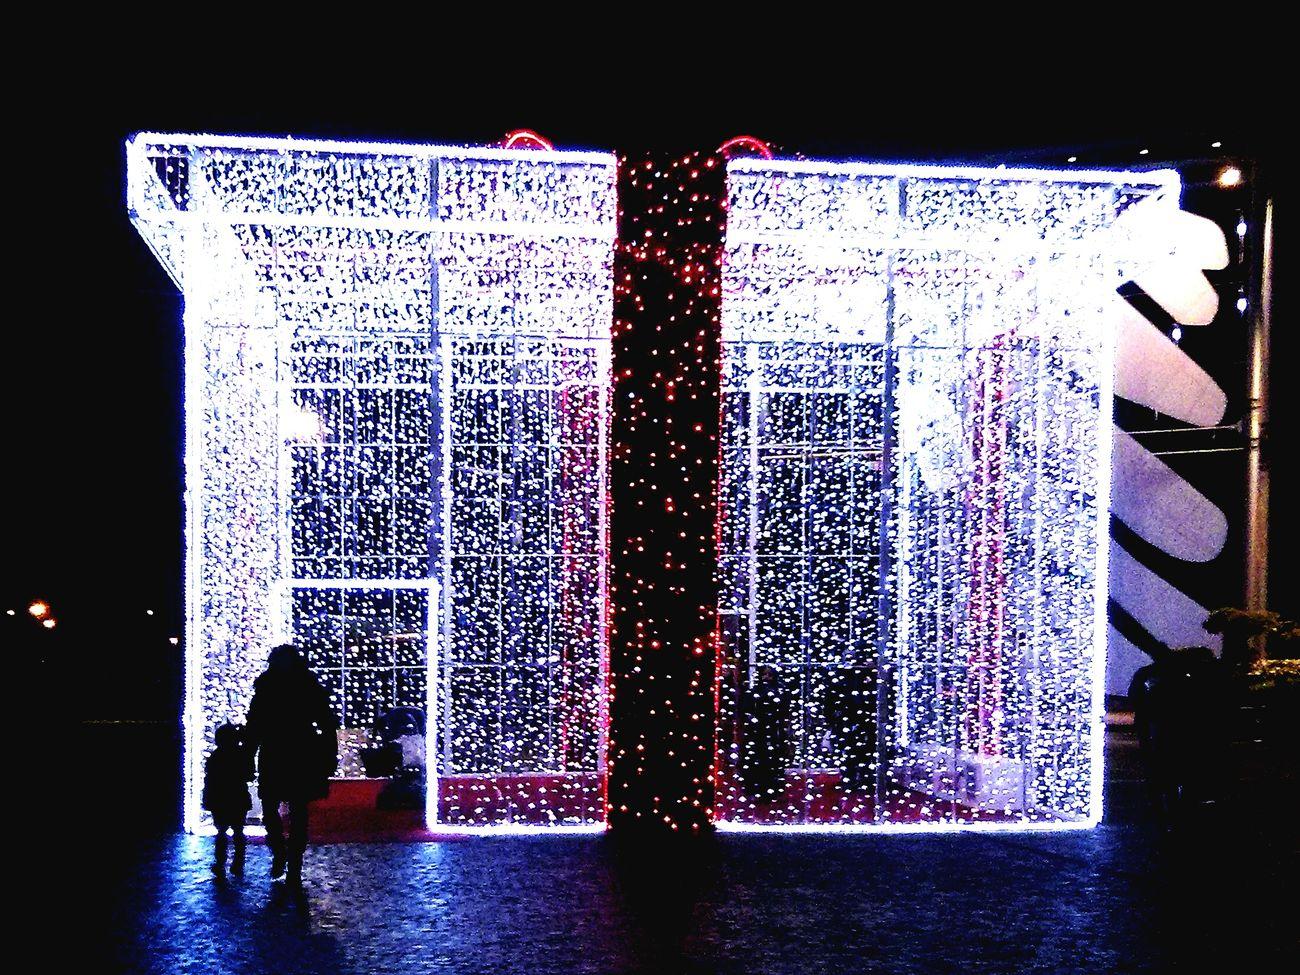 Christmas Lights Christmas Decorations Chrismastime Natale2015